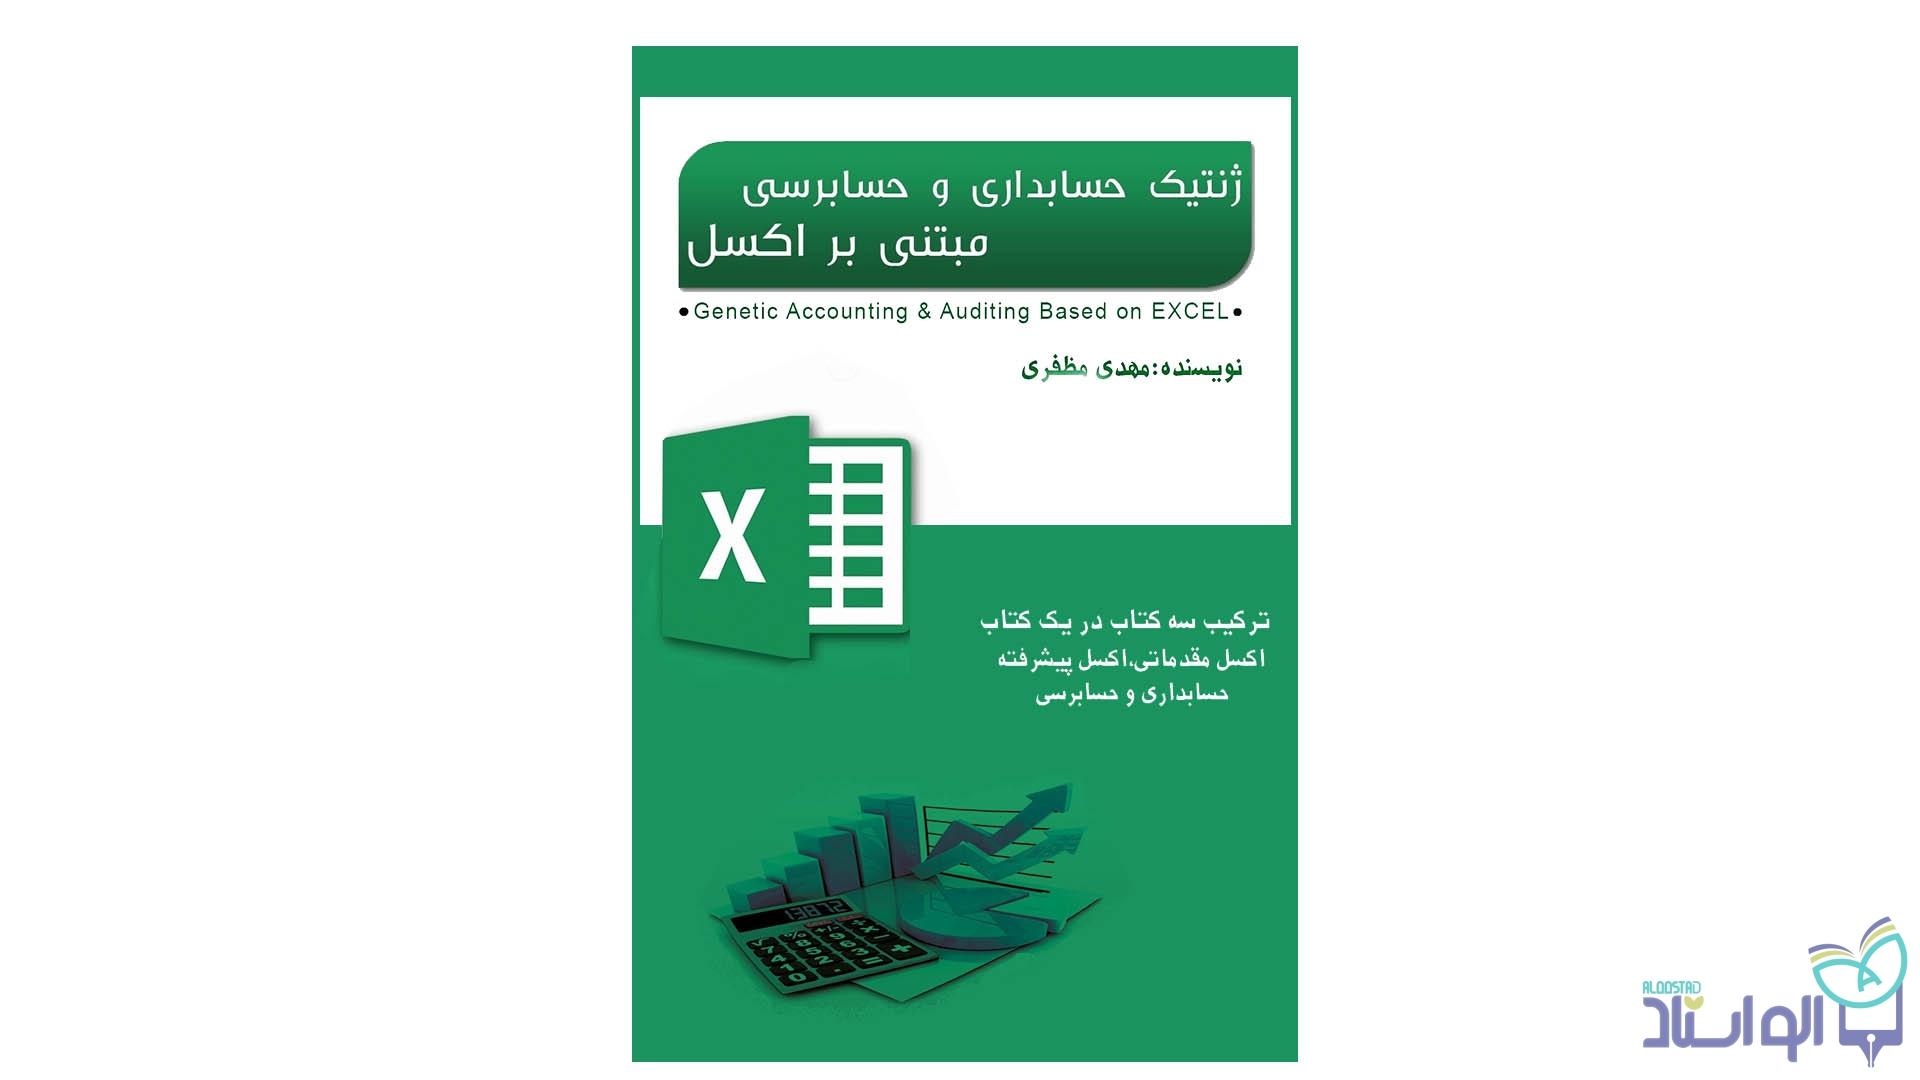 ژنتیک حسابداری و حسابرسی مبتنی بر اکسل